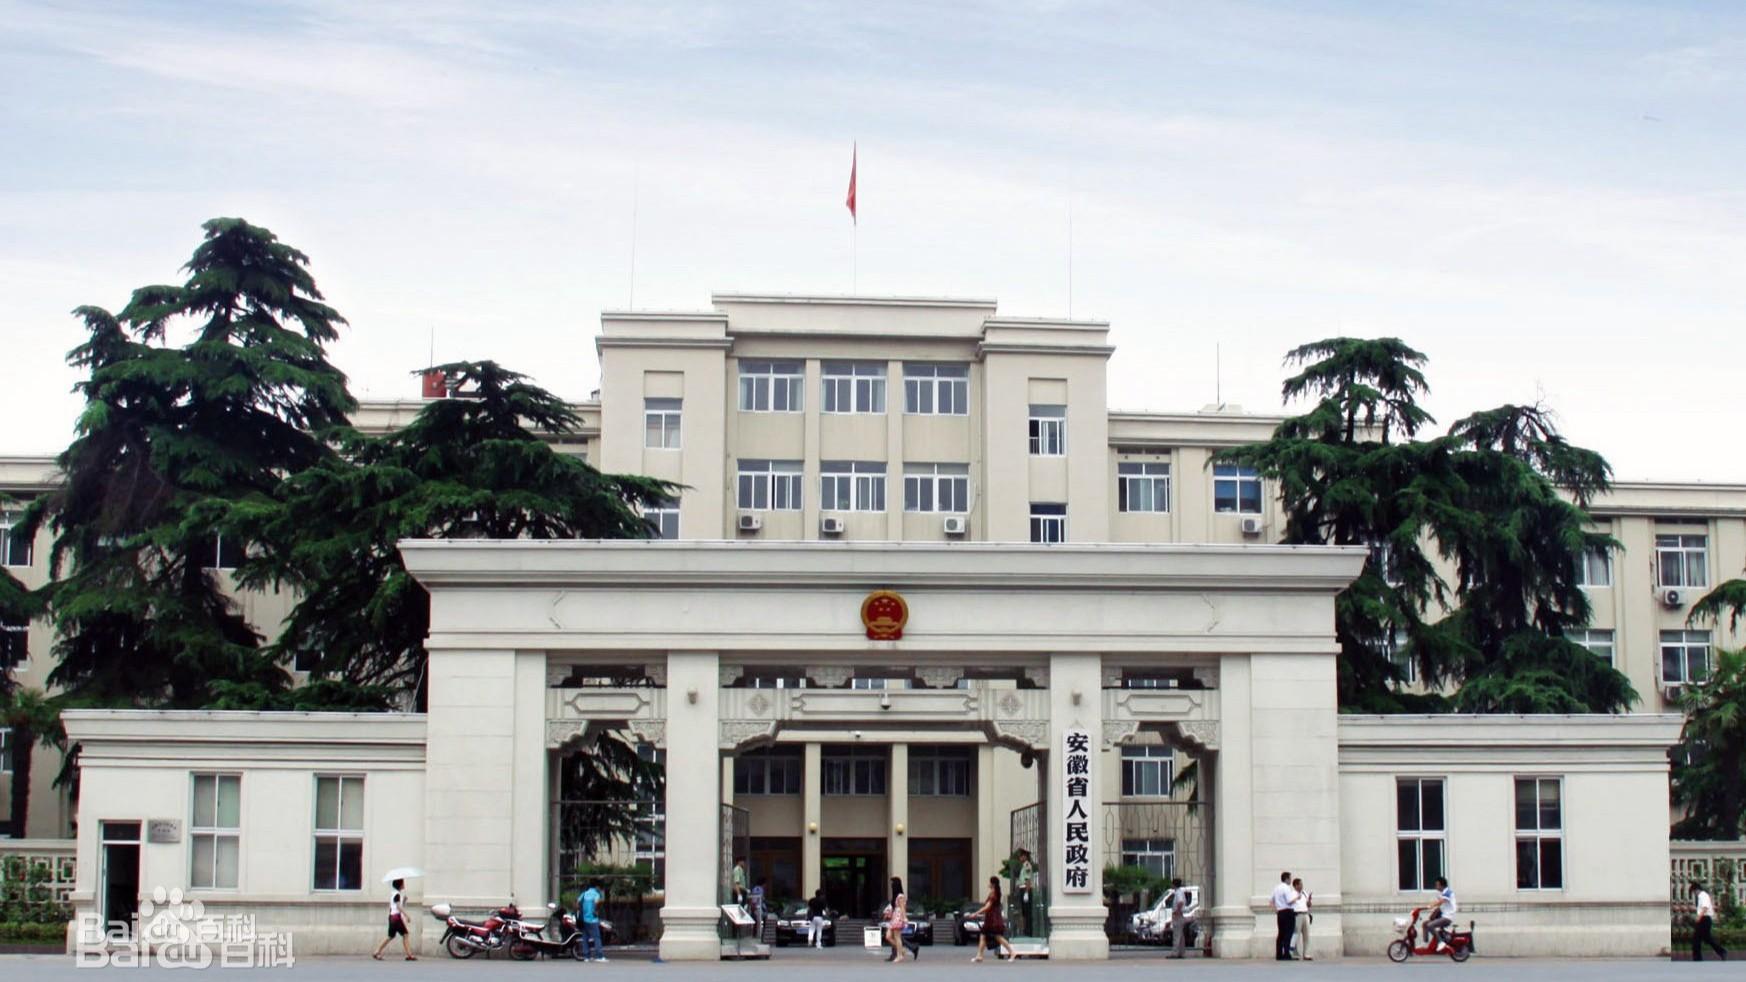 尚安钢质防火门应用于安徽省人民政府项目